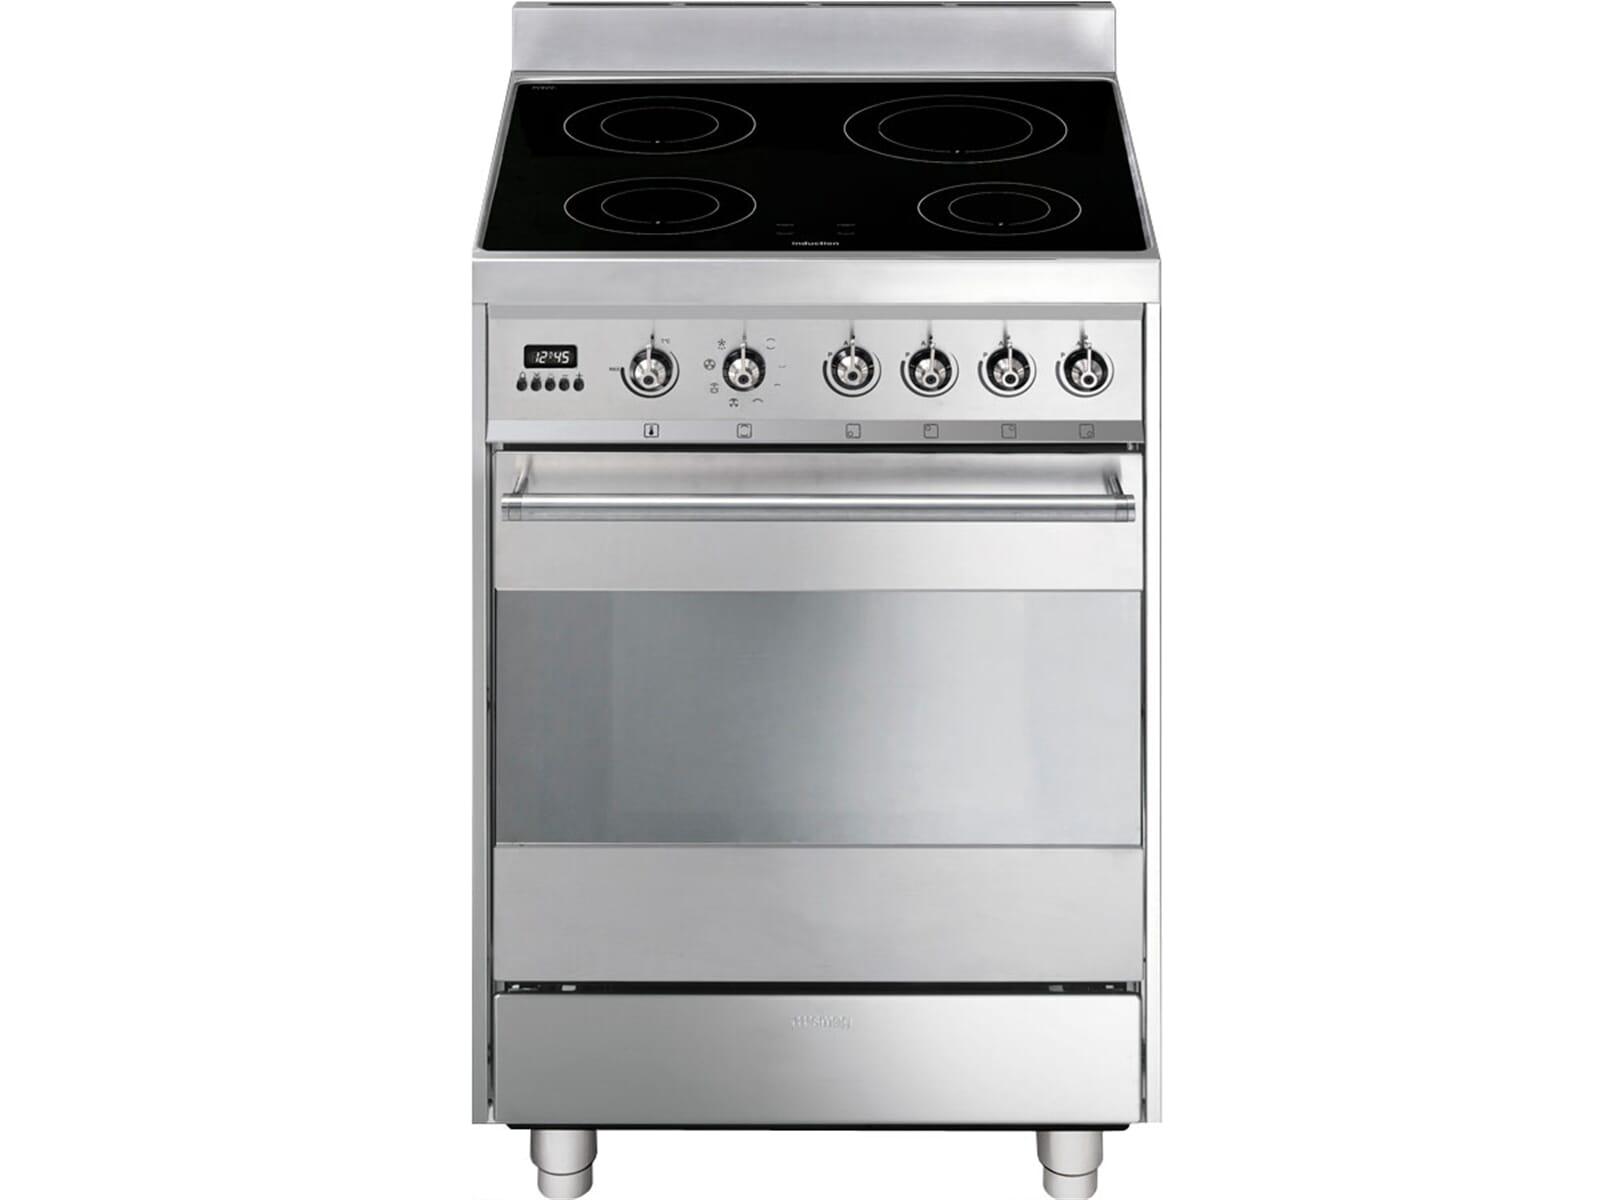 Gorenje Kühlschrank Creme Retro : Smeg kühlschrank creme gebraucht standherd induktion einbauherd